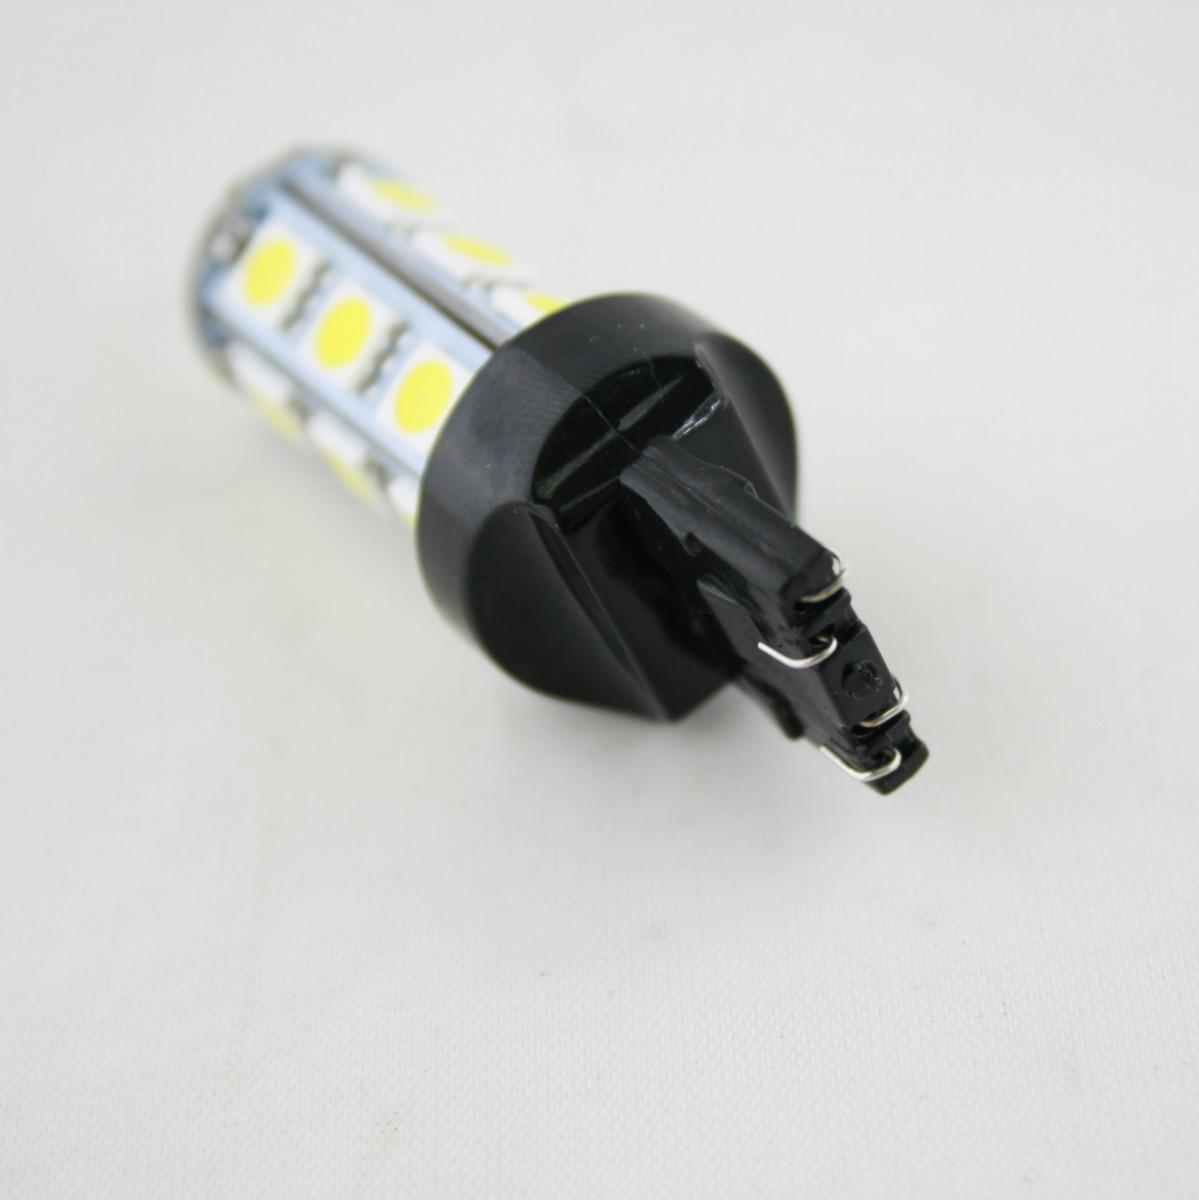 Светодиодная лампа CP (W21W) 2-контактная 18SMD 5050